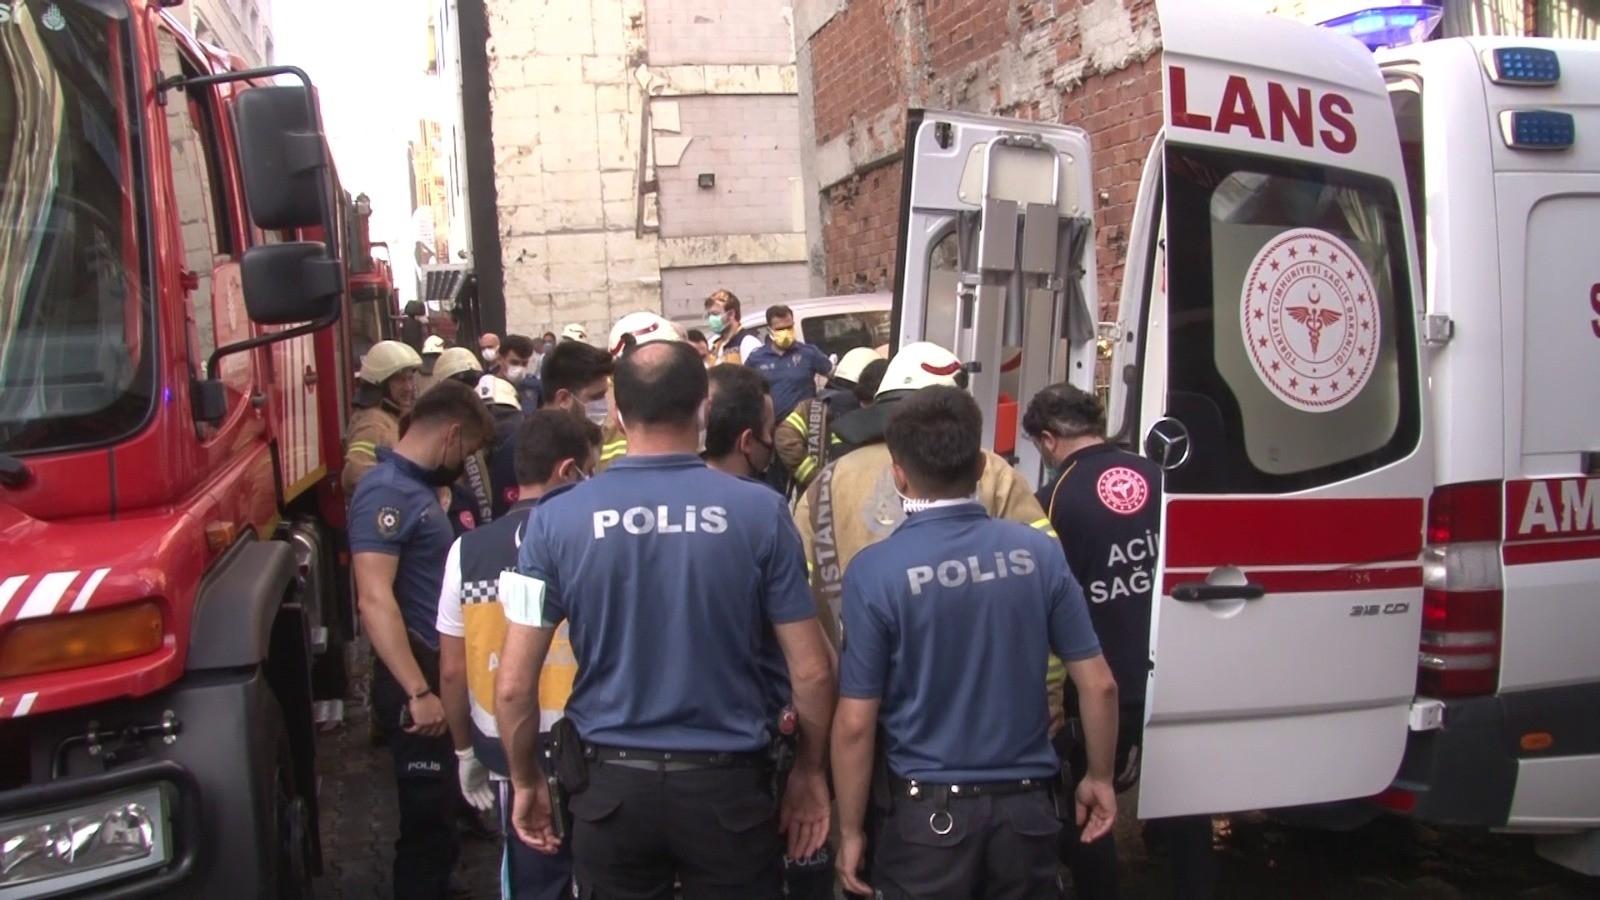 Kadıköy'de 5 Katlı Apartmanda Çıkan Yangında 1 Kişi Hayatını Kaybetti